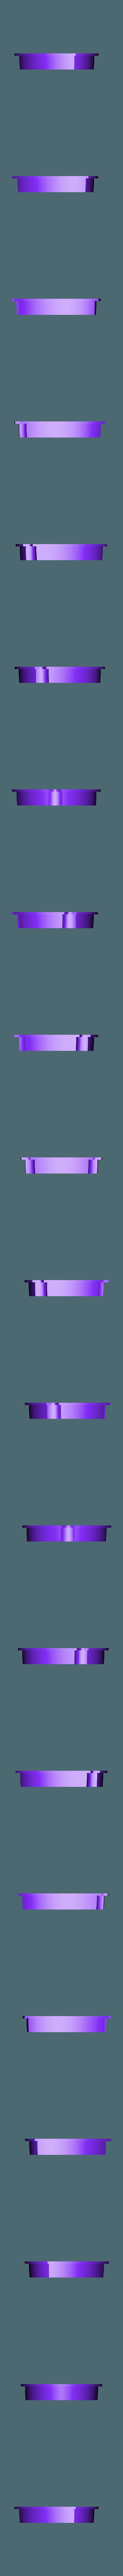 Blanc detail sur contour logo.STL Download STL file Patrol Punch (Paw Patrol) • 3D print object, Chris-tropherIlParait